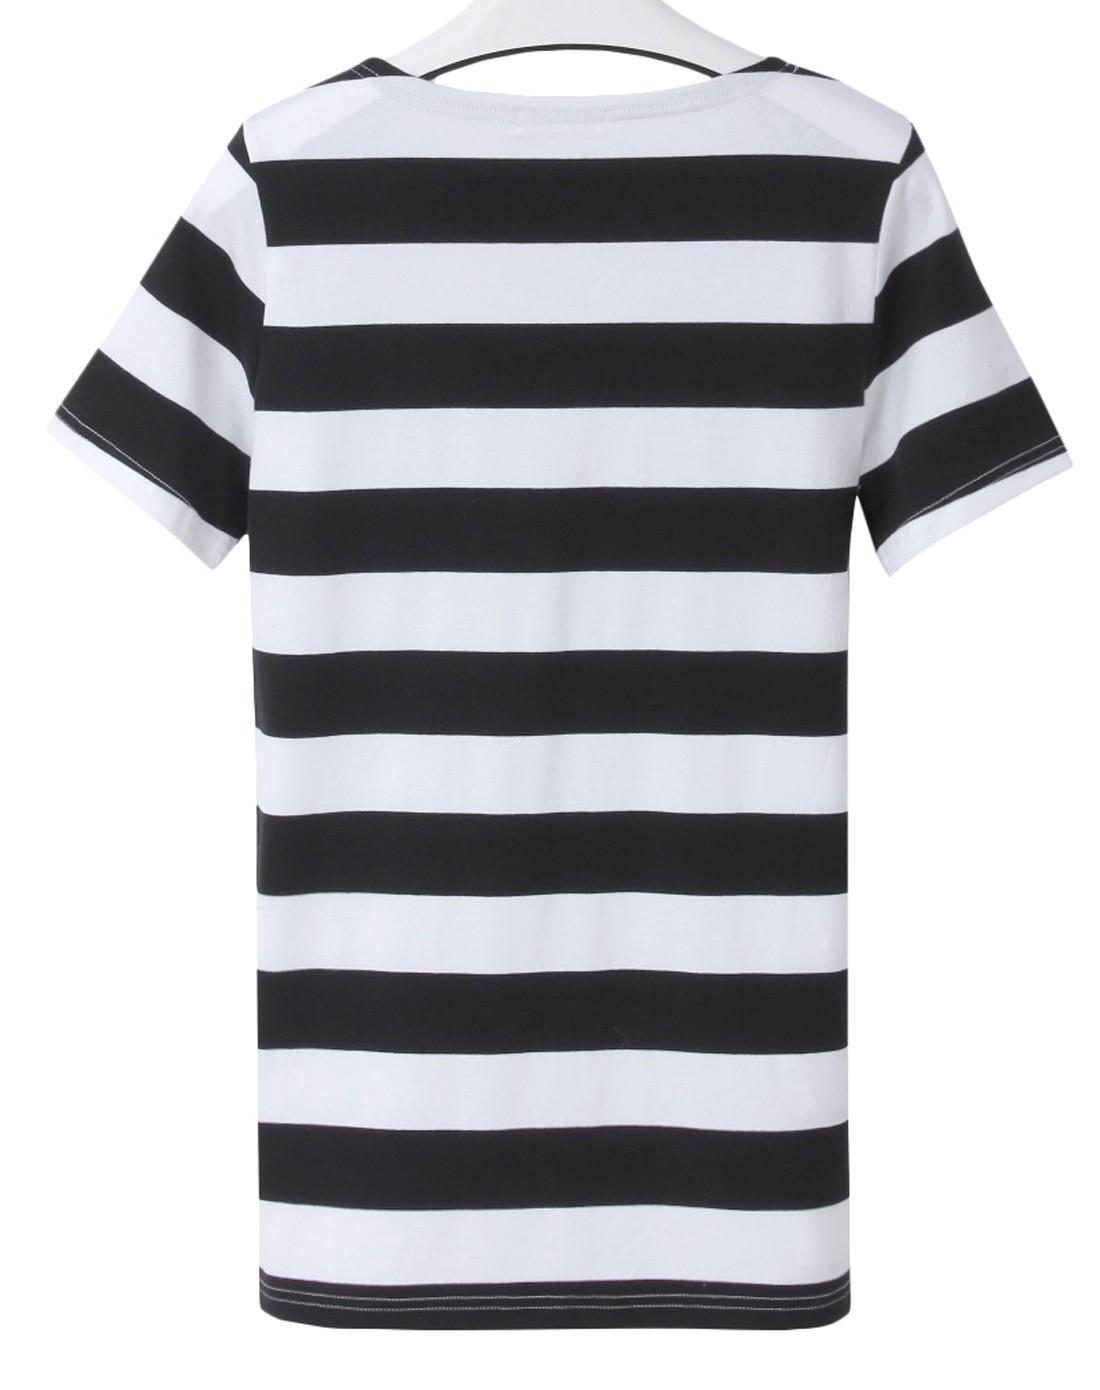 黑白衣服图片素材